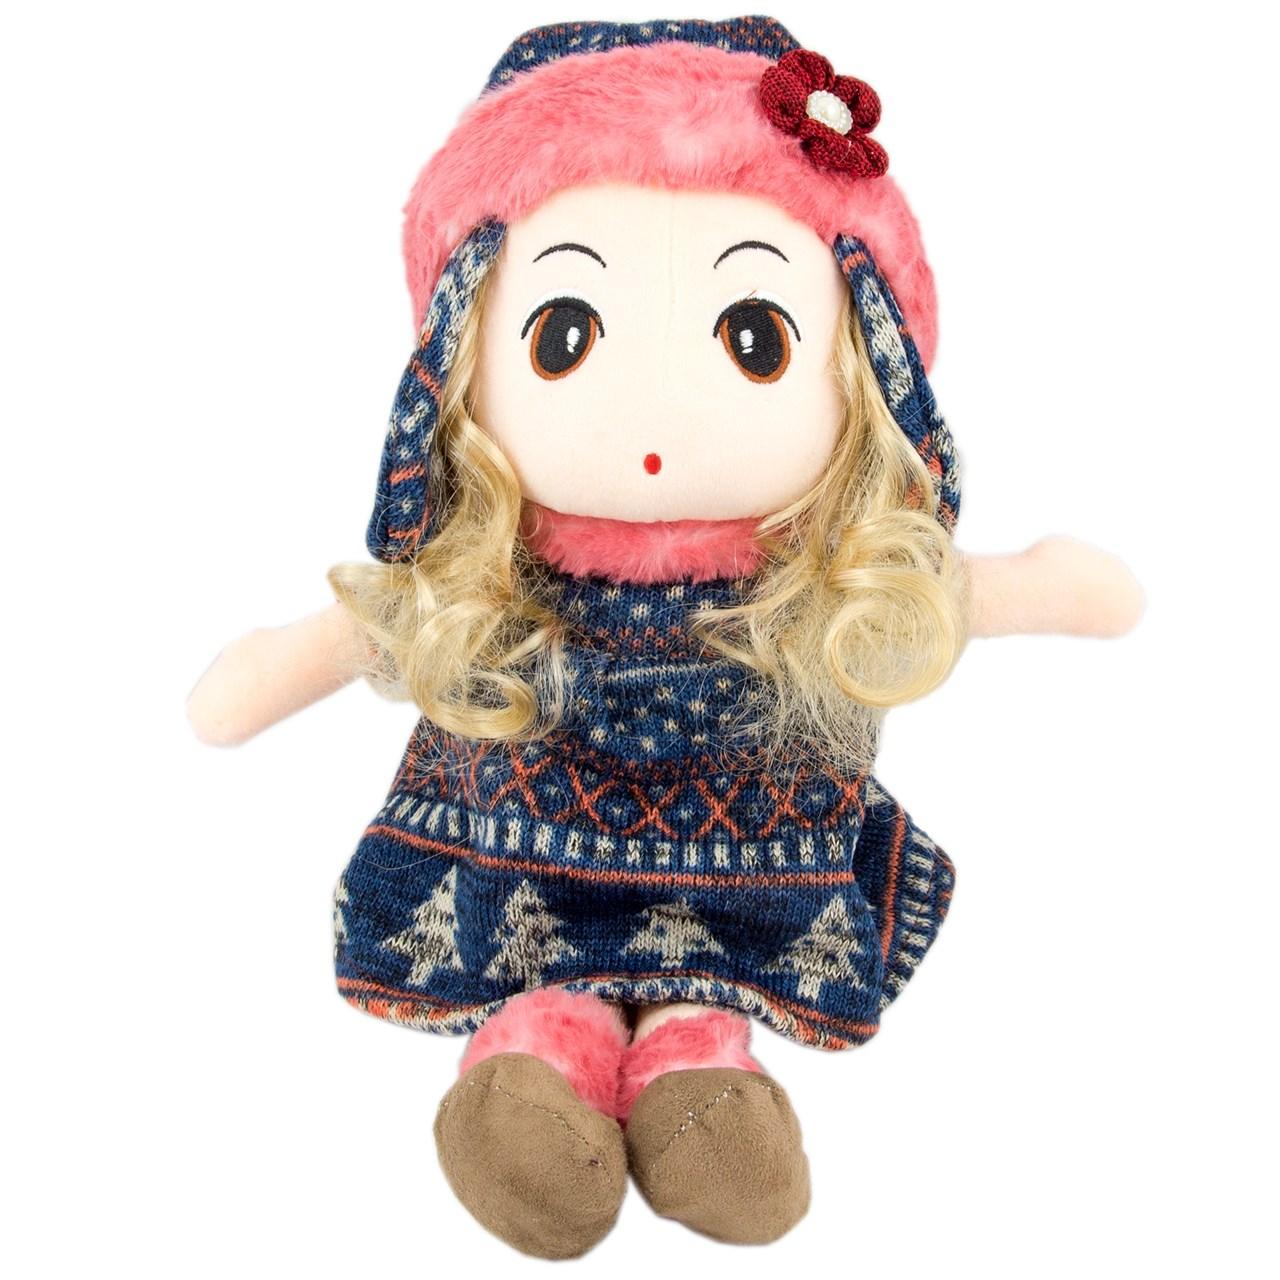 عروسک دختر کلاه روسی بهار گالری مدل Dress Navy Blue